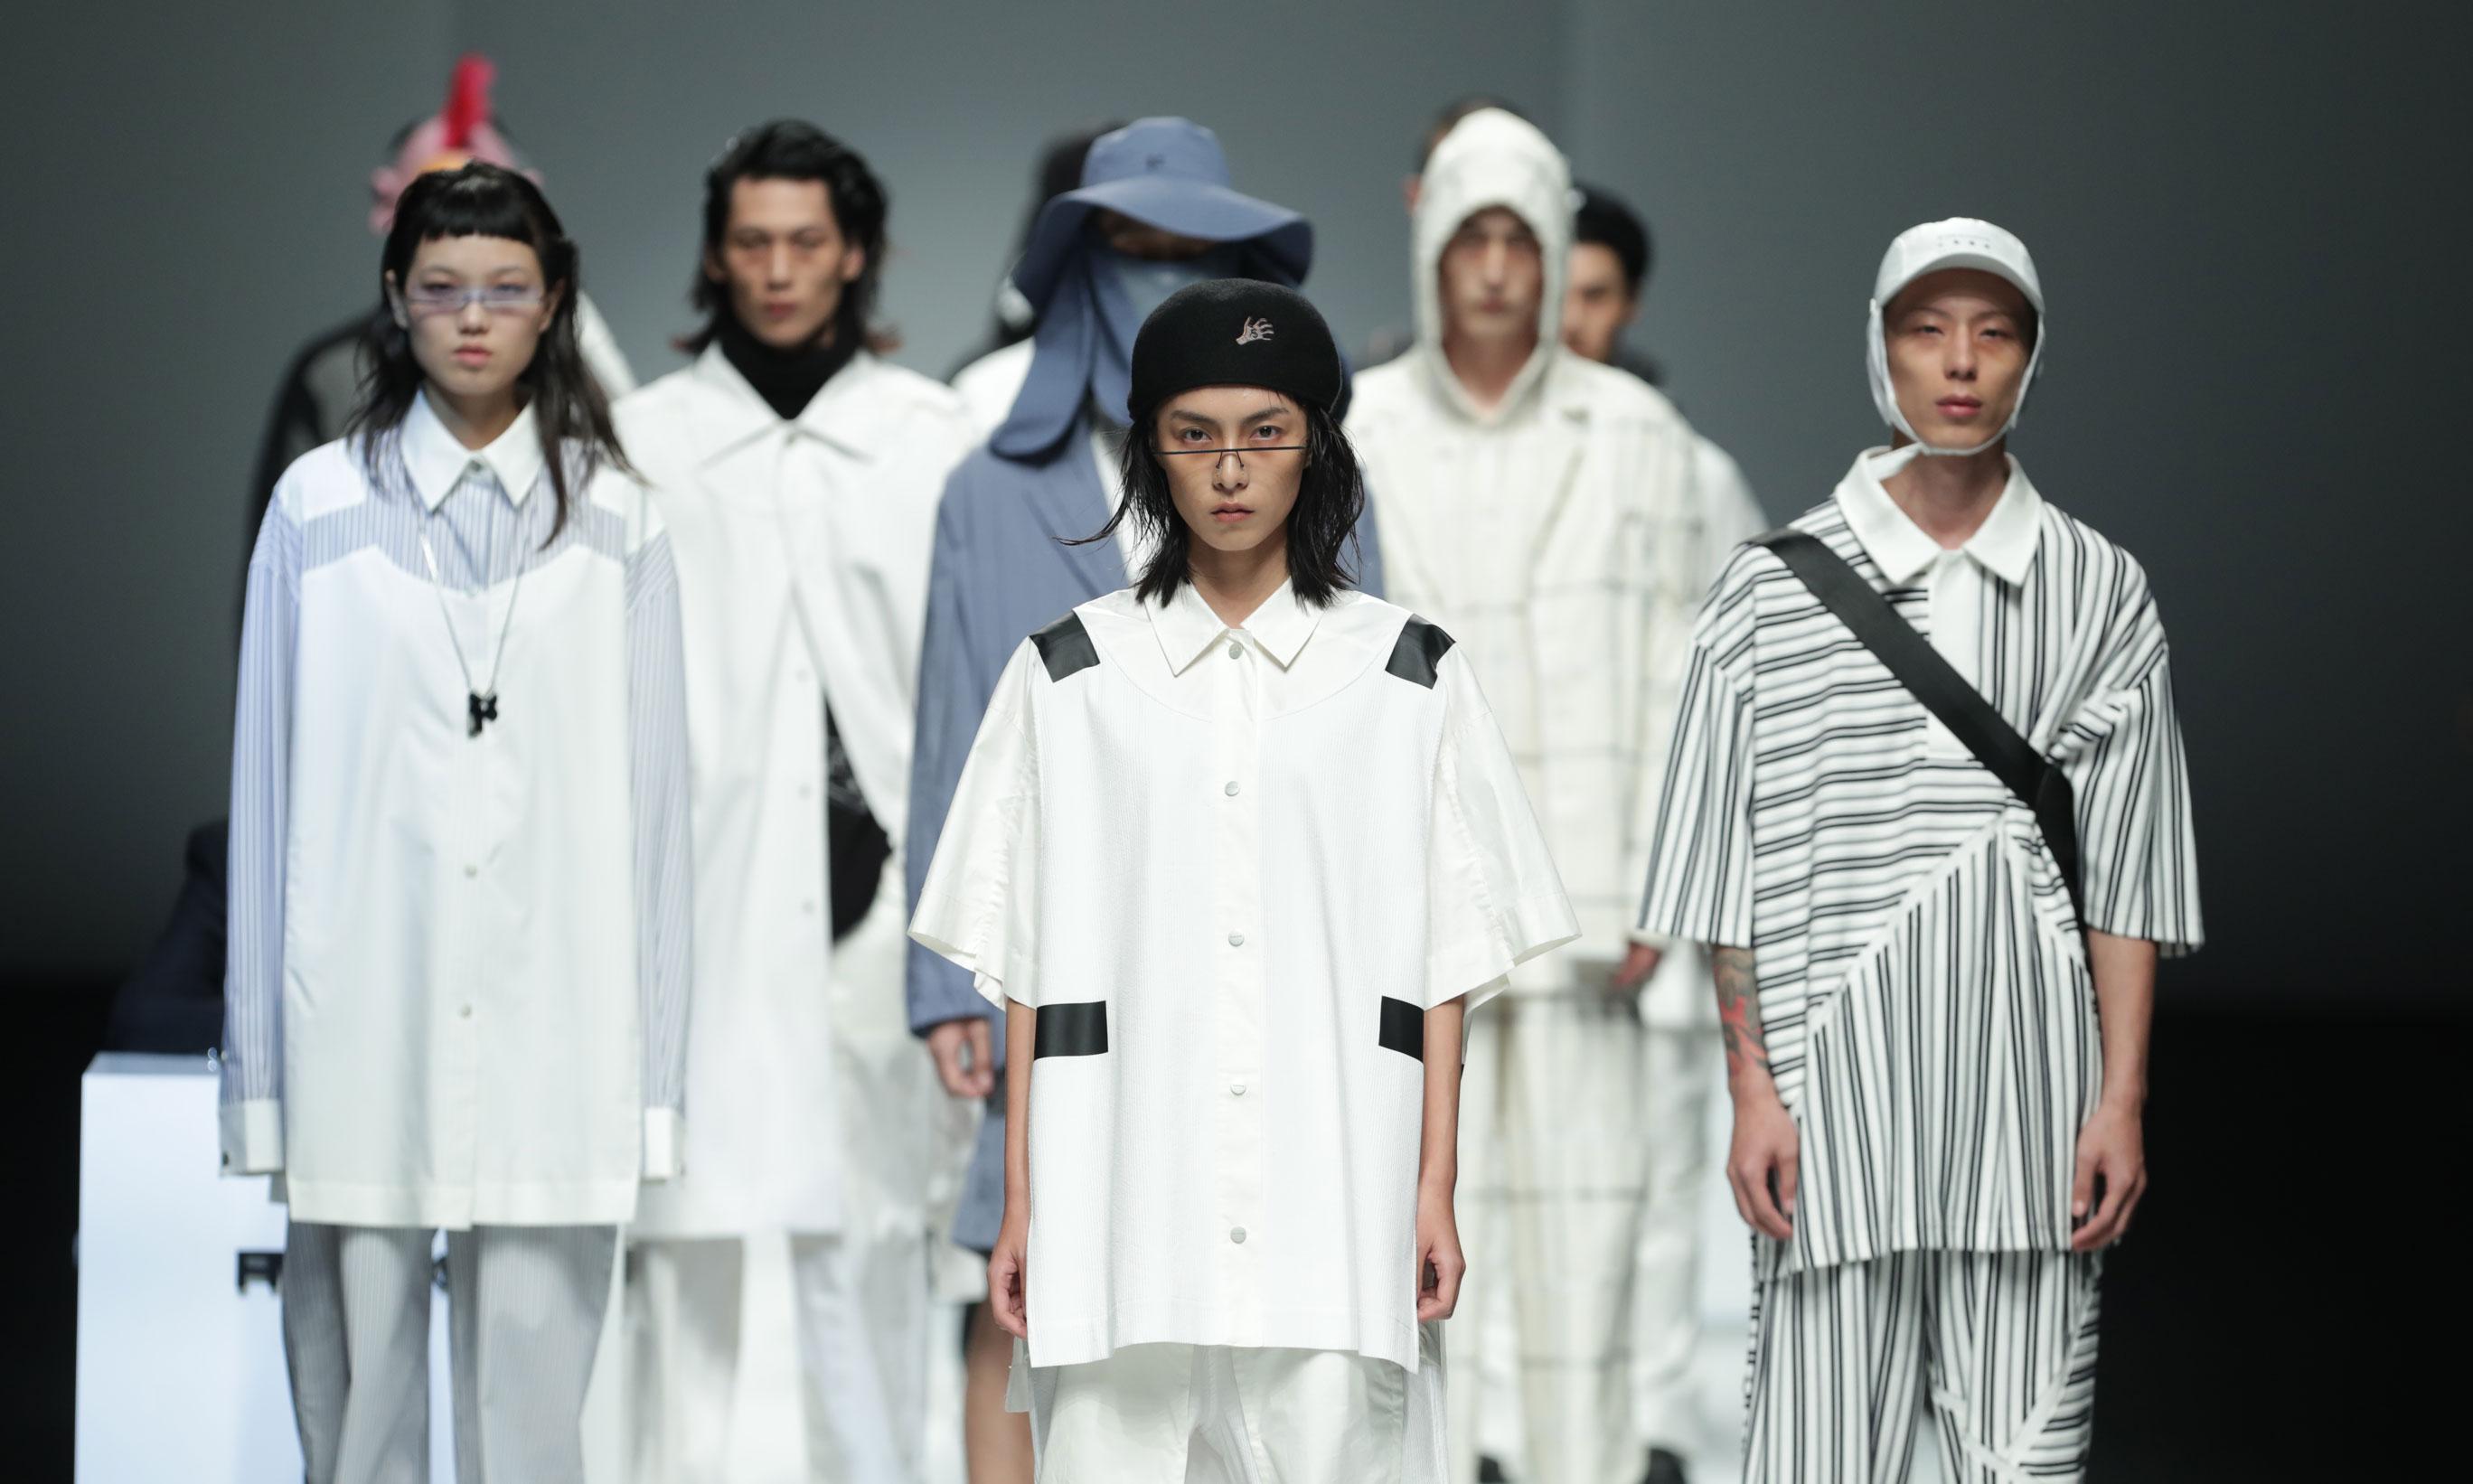 上海时装周,三个国潮用时装秀发出了自己的声音